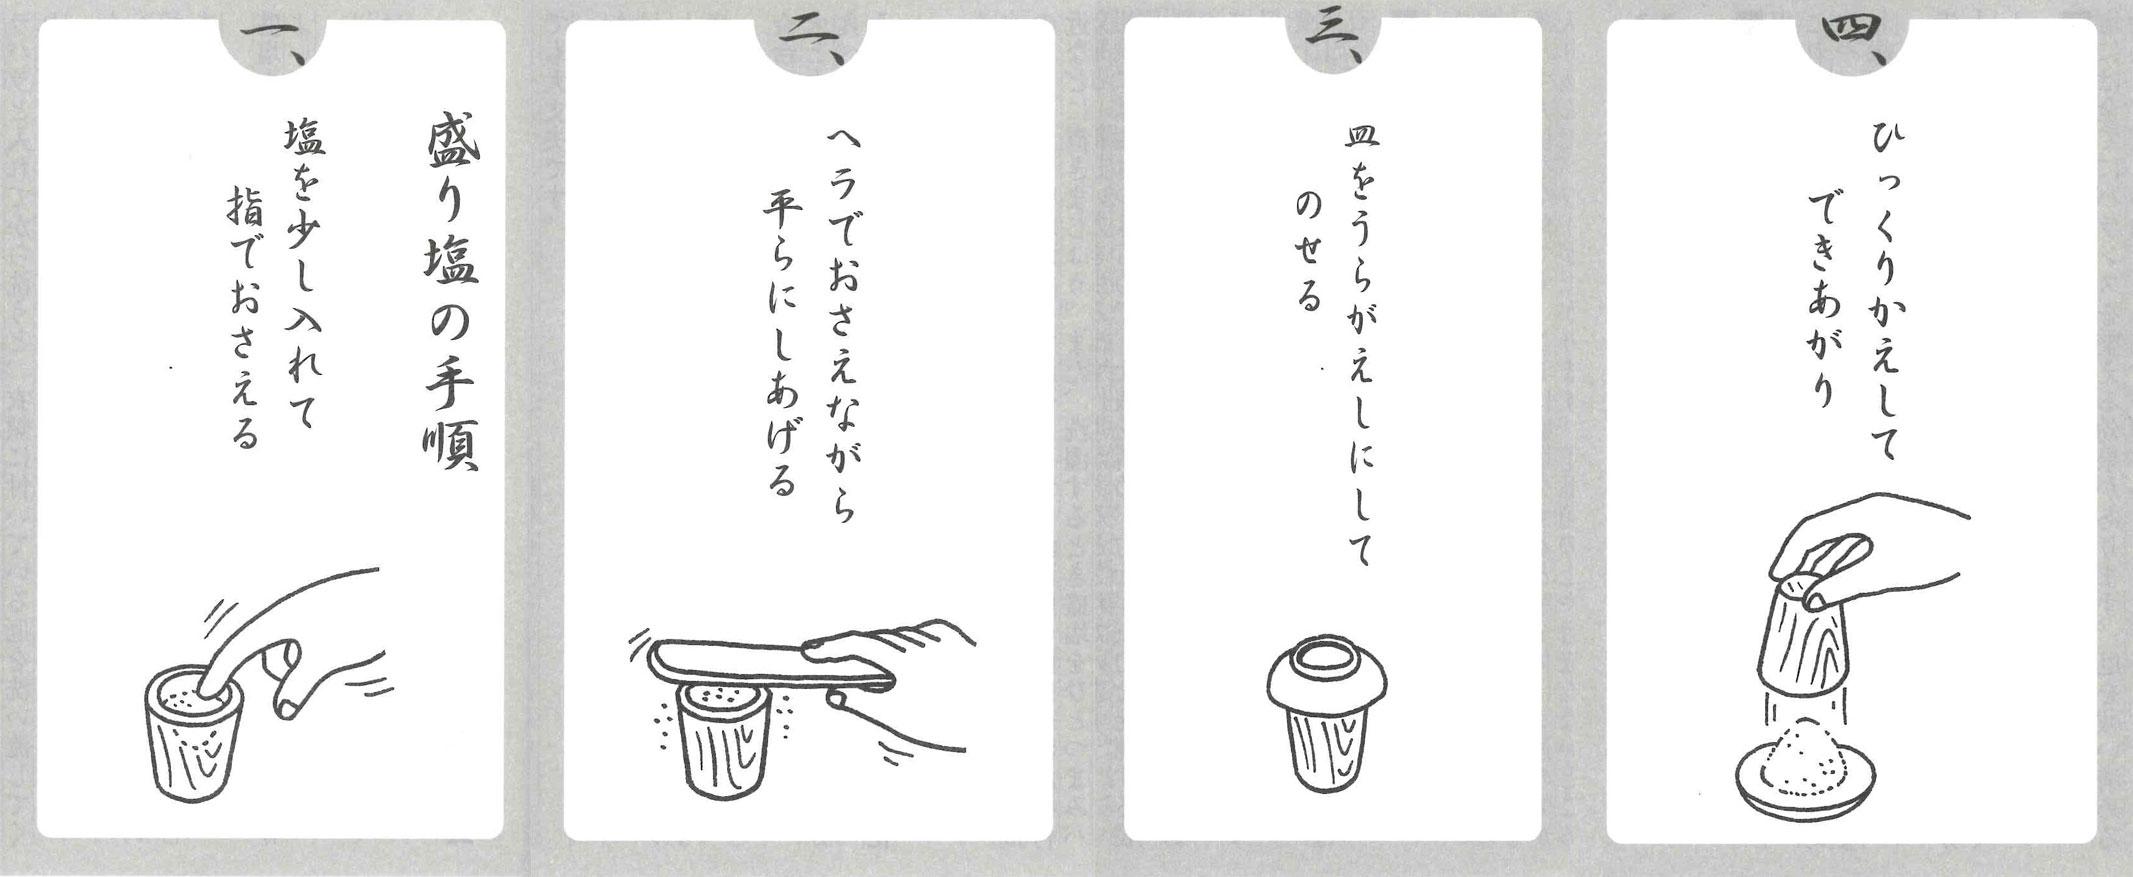 盛り塩のやり方(作りかた)